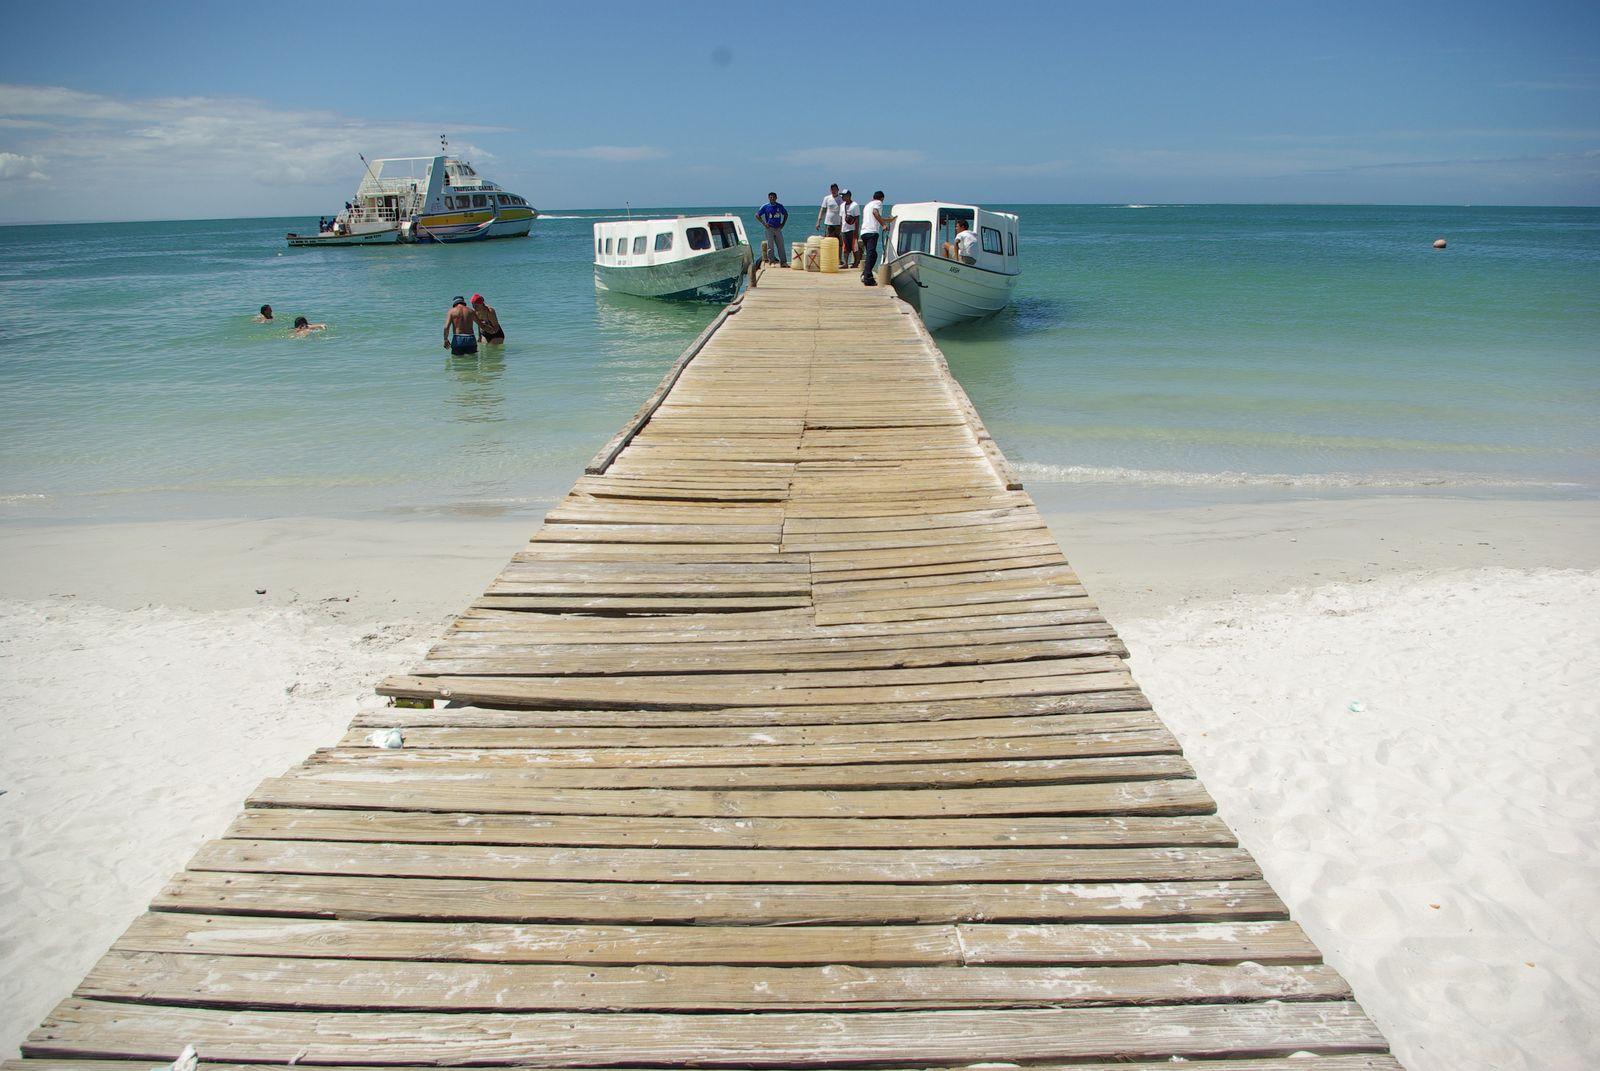 Остров Коче, Карибское море, Венесуэла